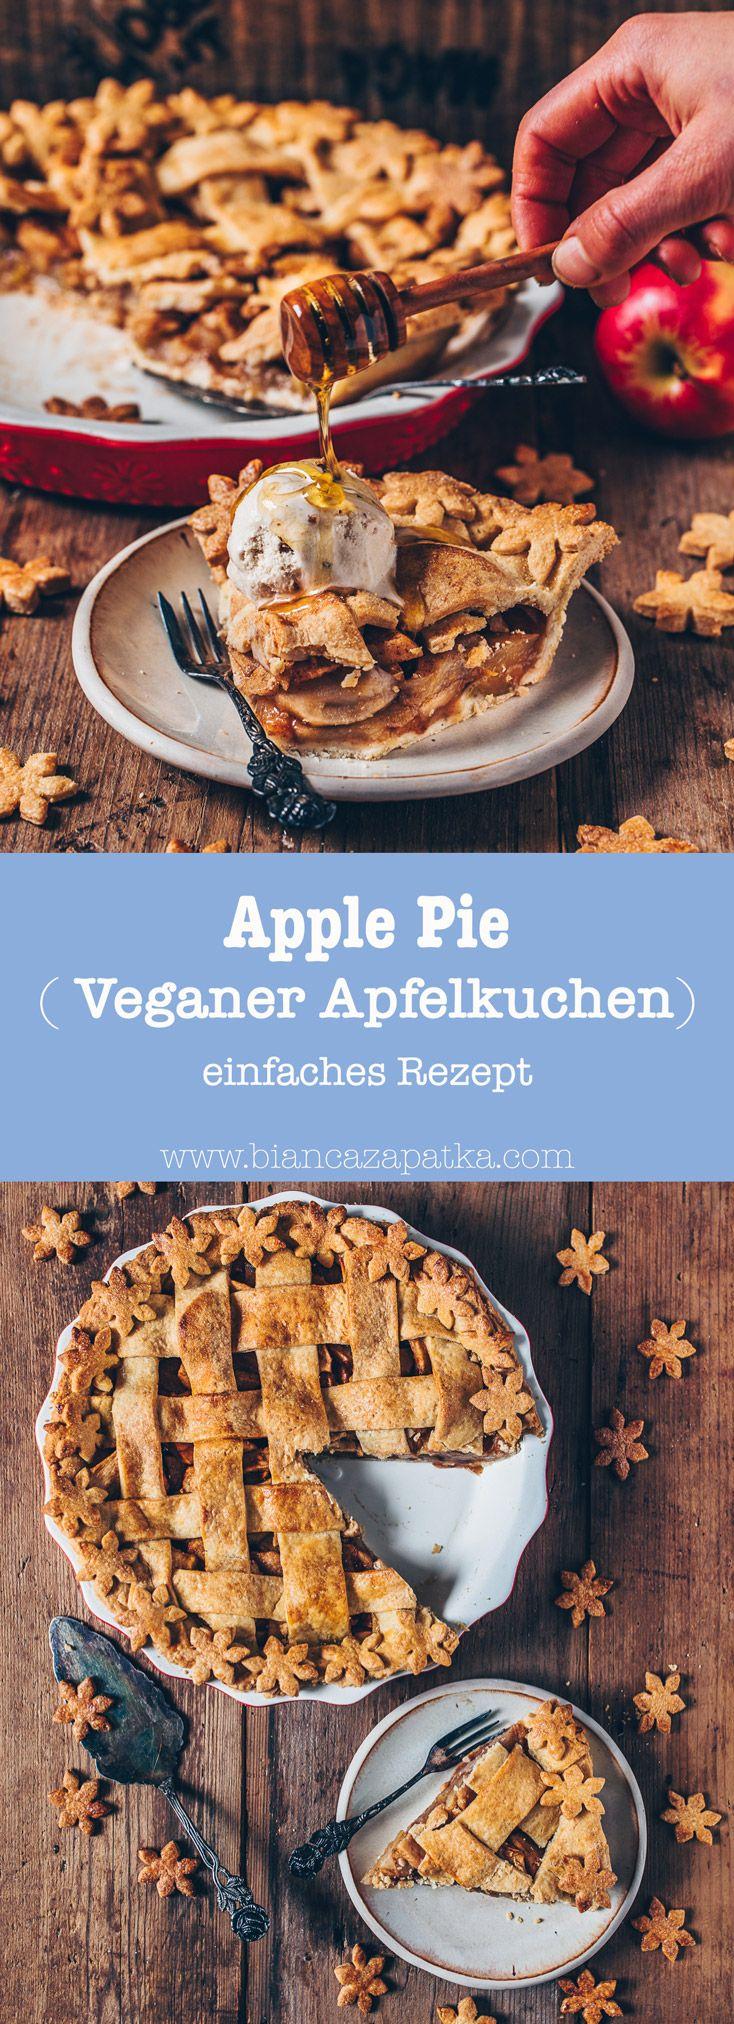 Apfelkuchen (Vegan Apple Pie) – einfaches Rezept   – Meine Rezepte – Bianca Zapatka